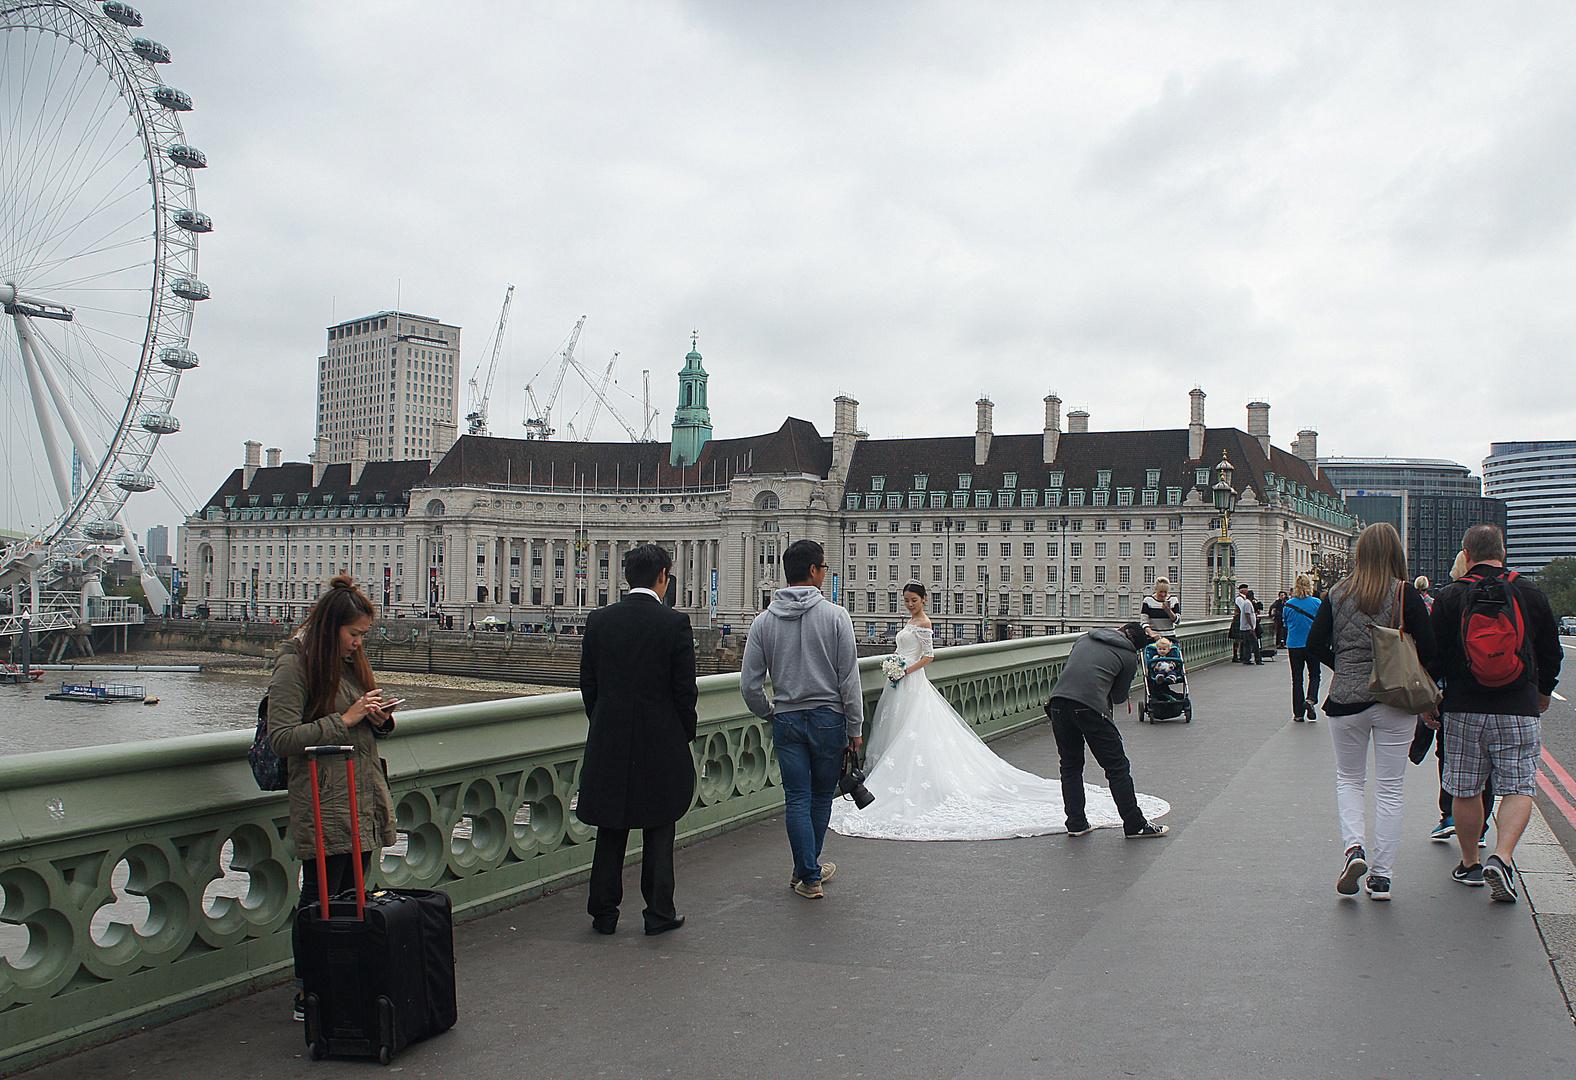 Crossing Westminster bridge